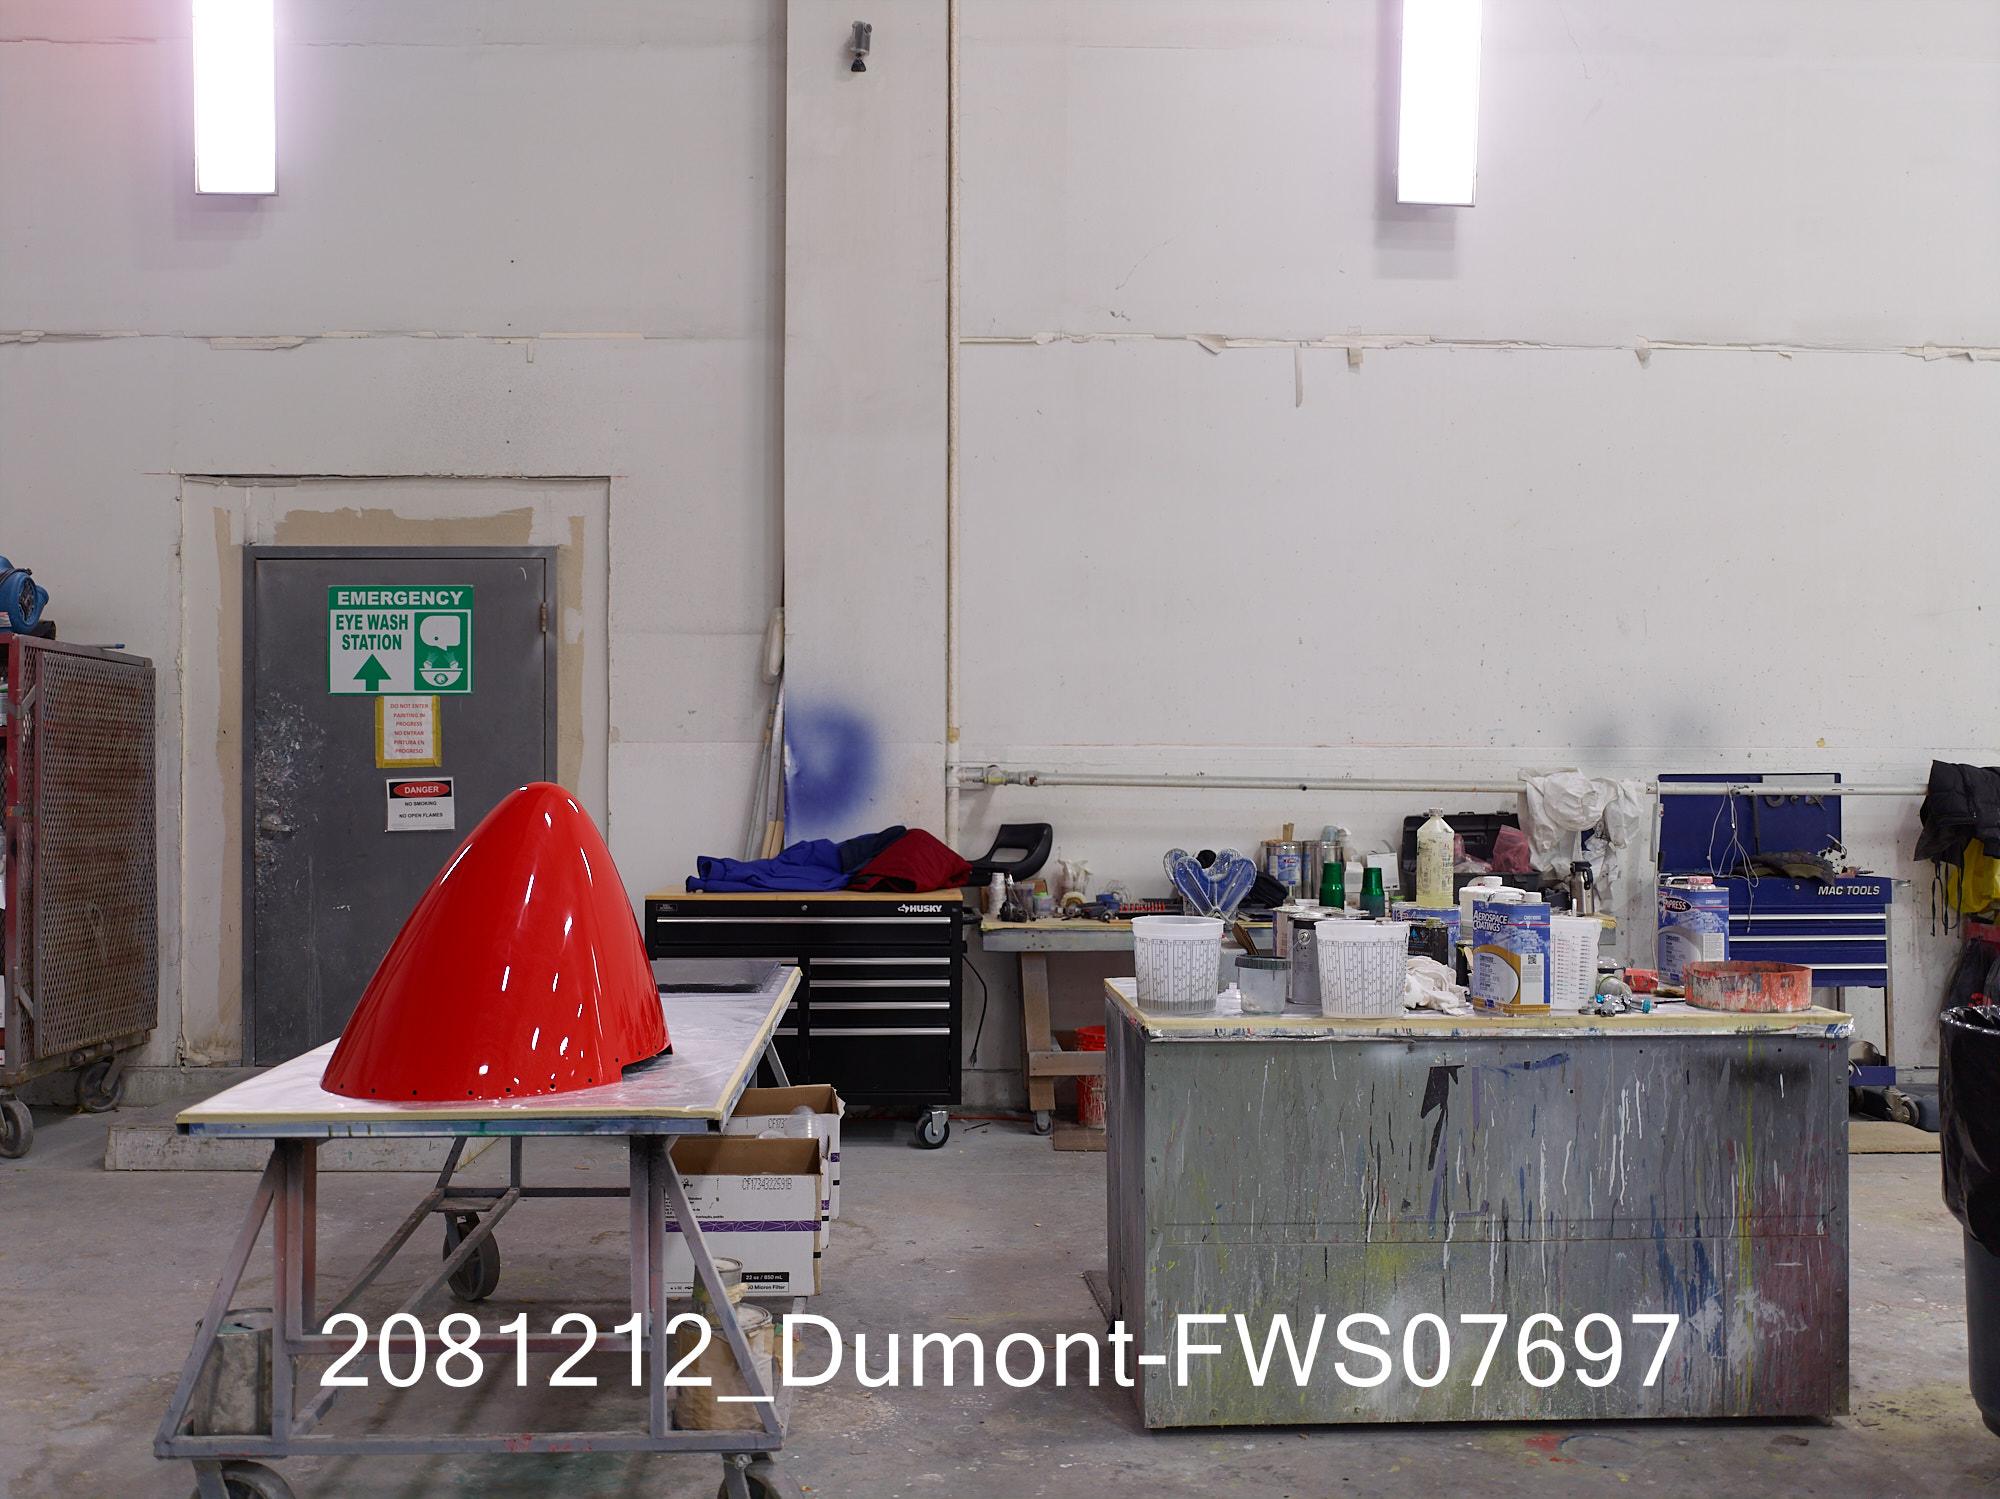 2081212_Dumont-FWS07697.jpg